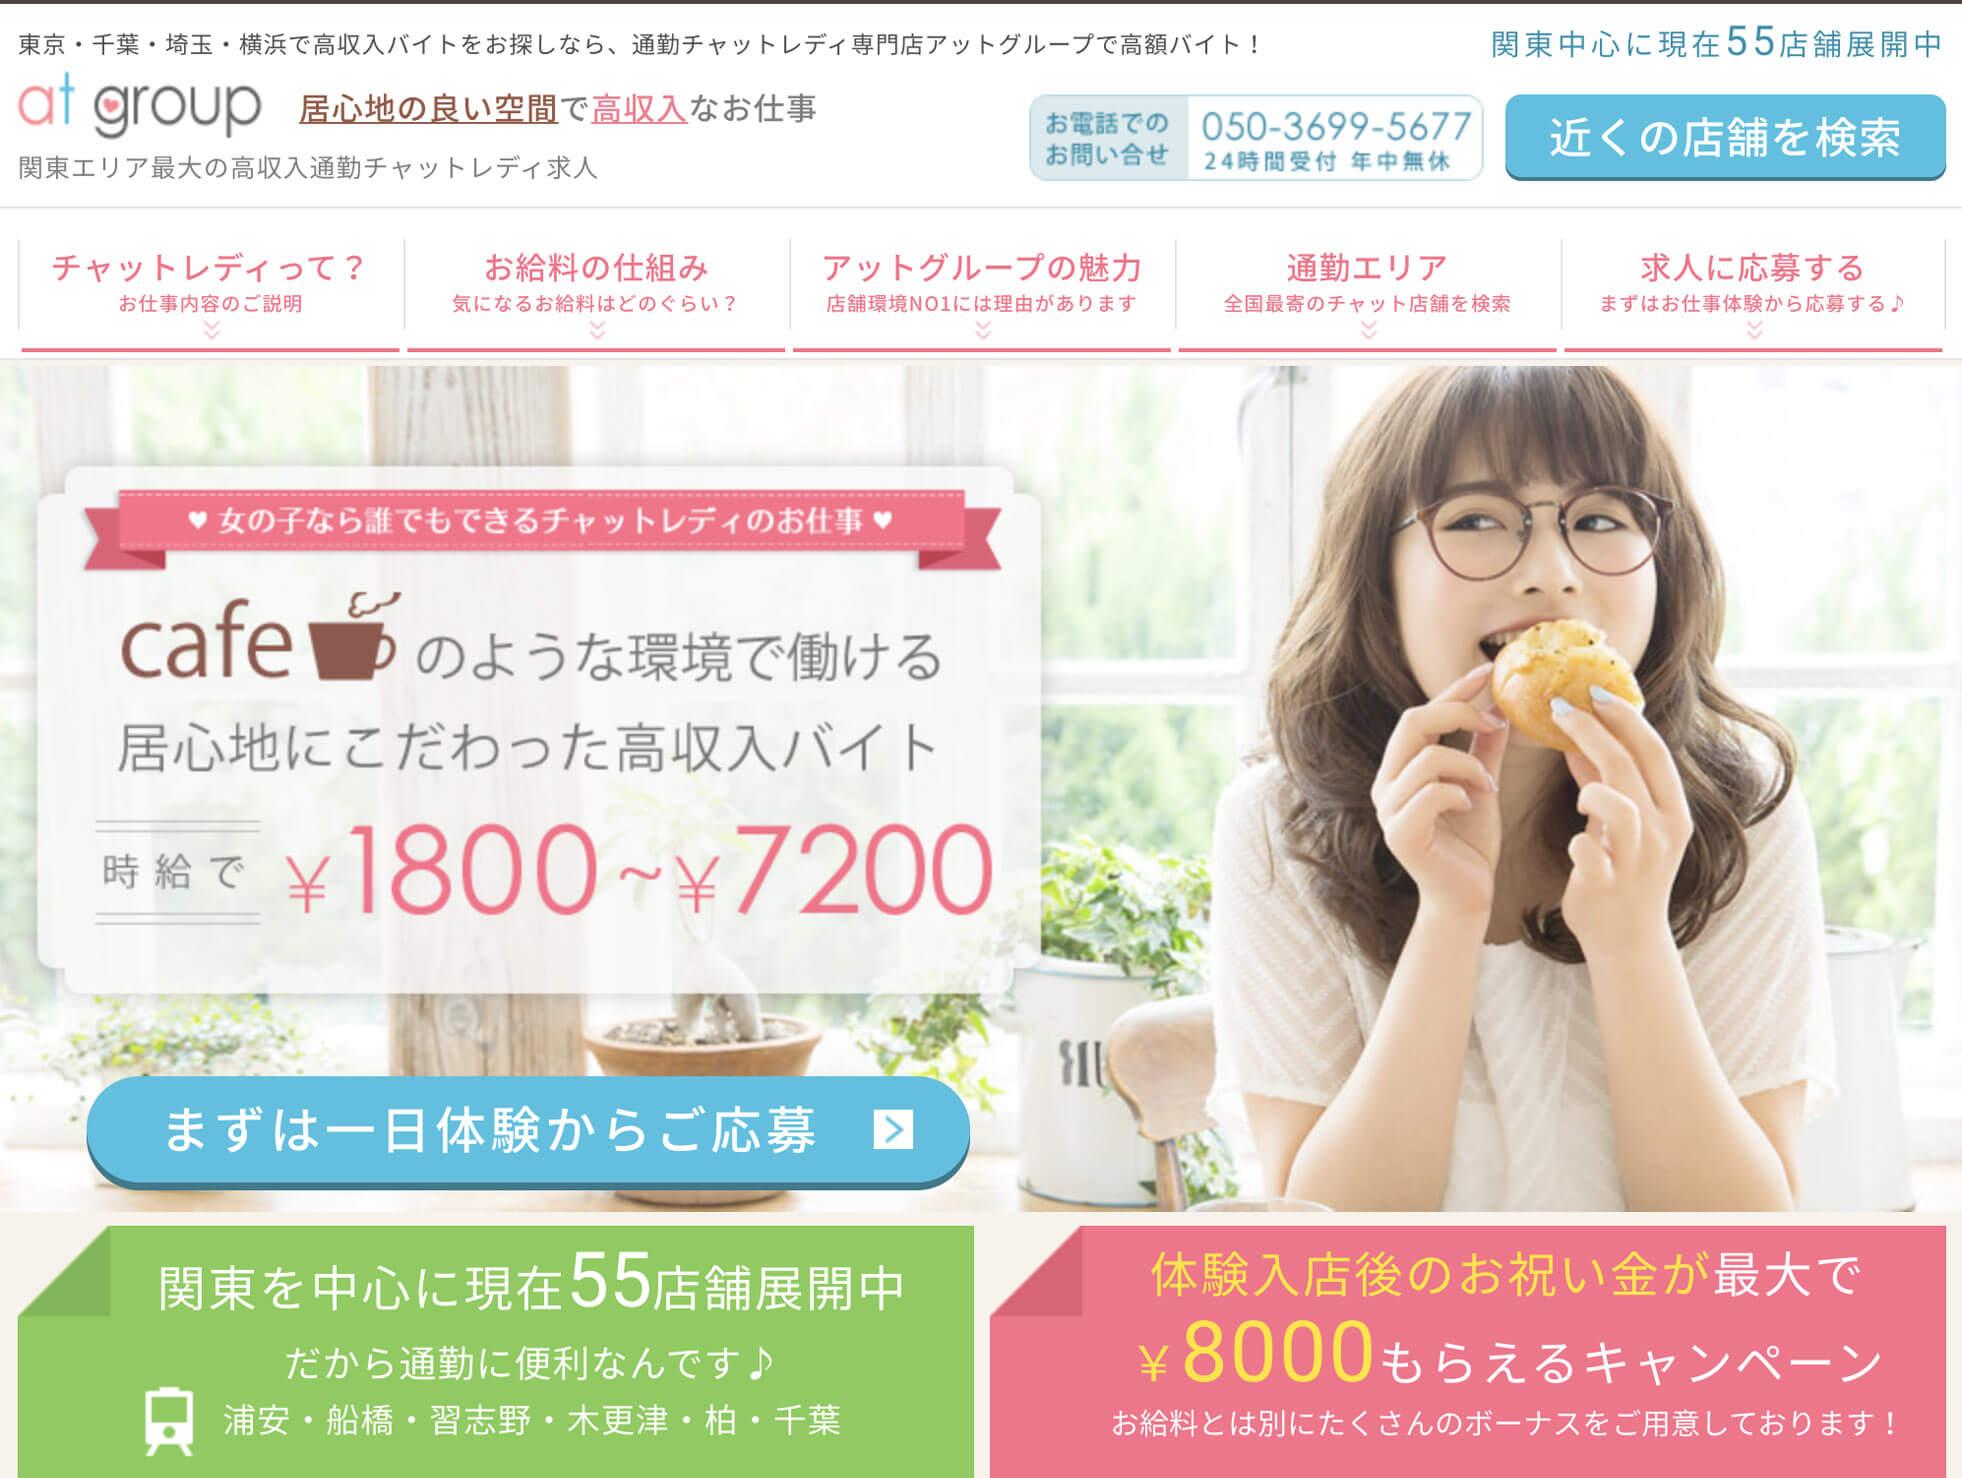 【人気3位】関東エリア最大規模を誇る「アットグループ」